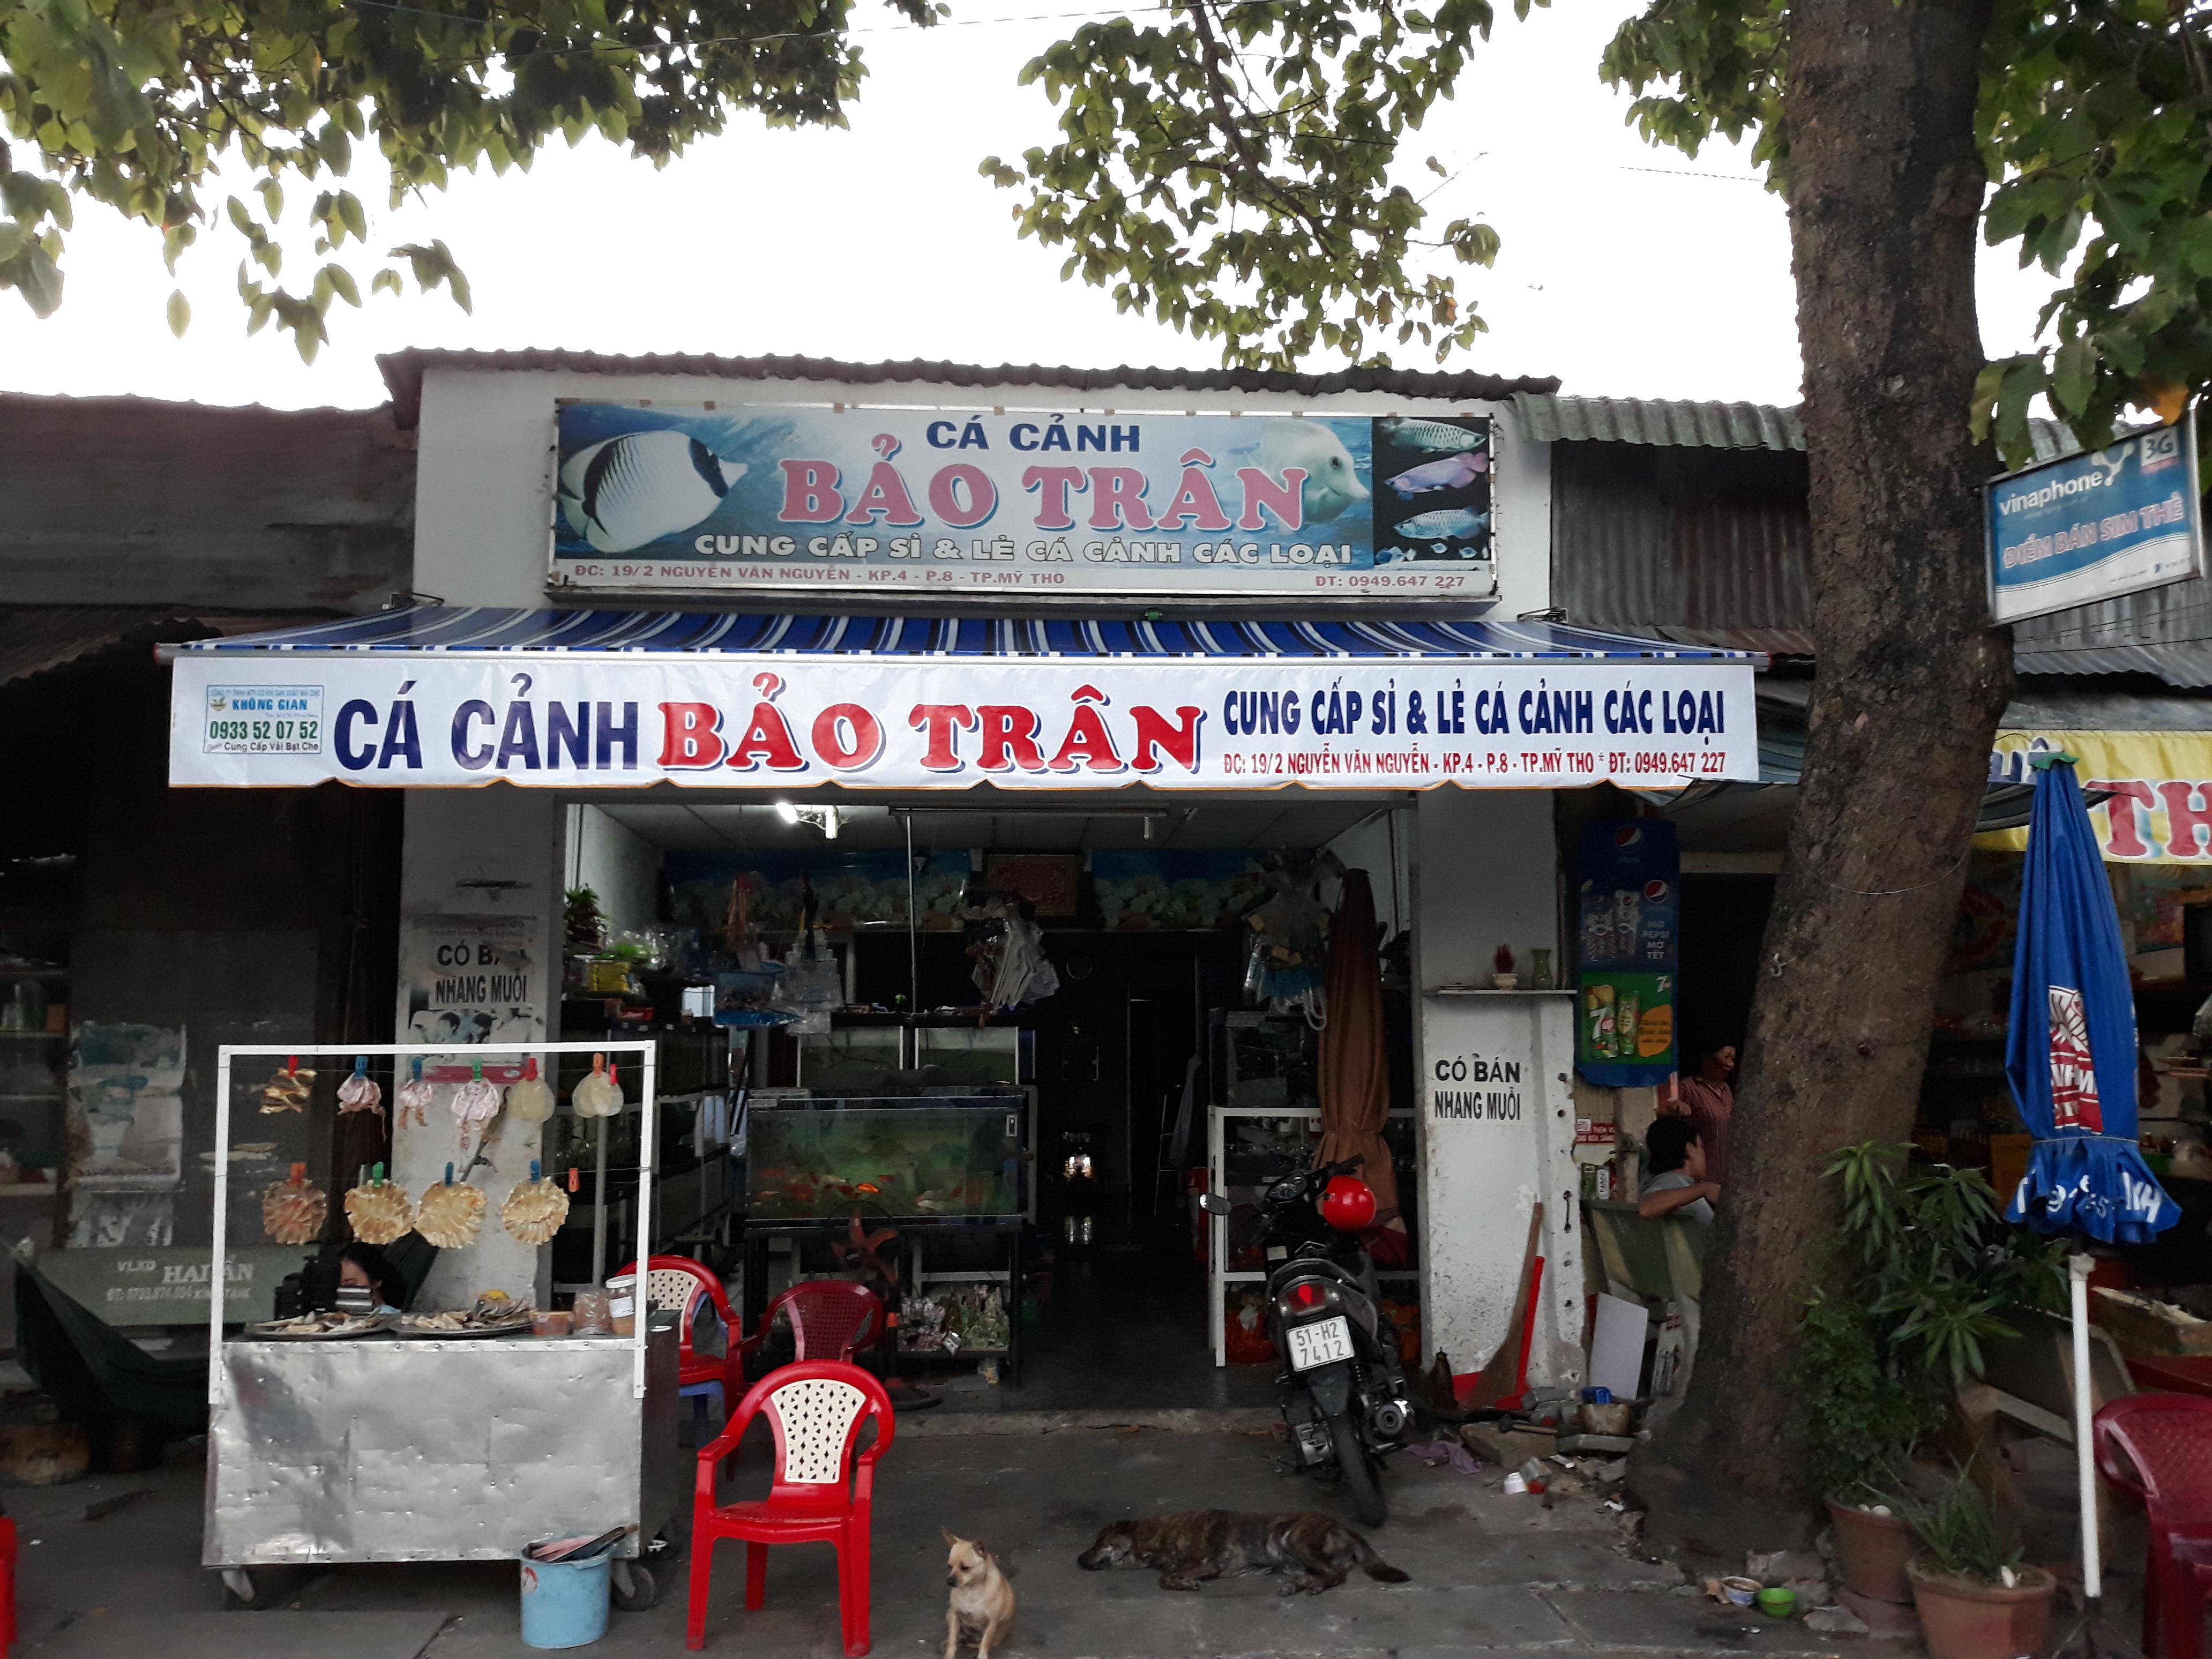 Mái Hiên Quảng Cáo Cửa Hàng Huyện Tam Bình Vĩnh Long